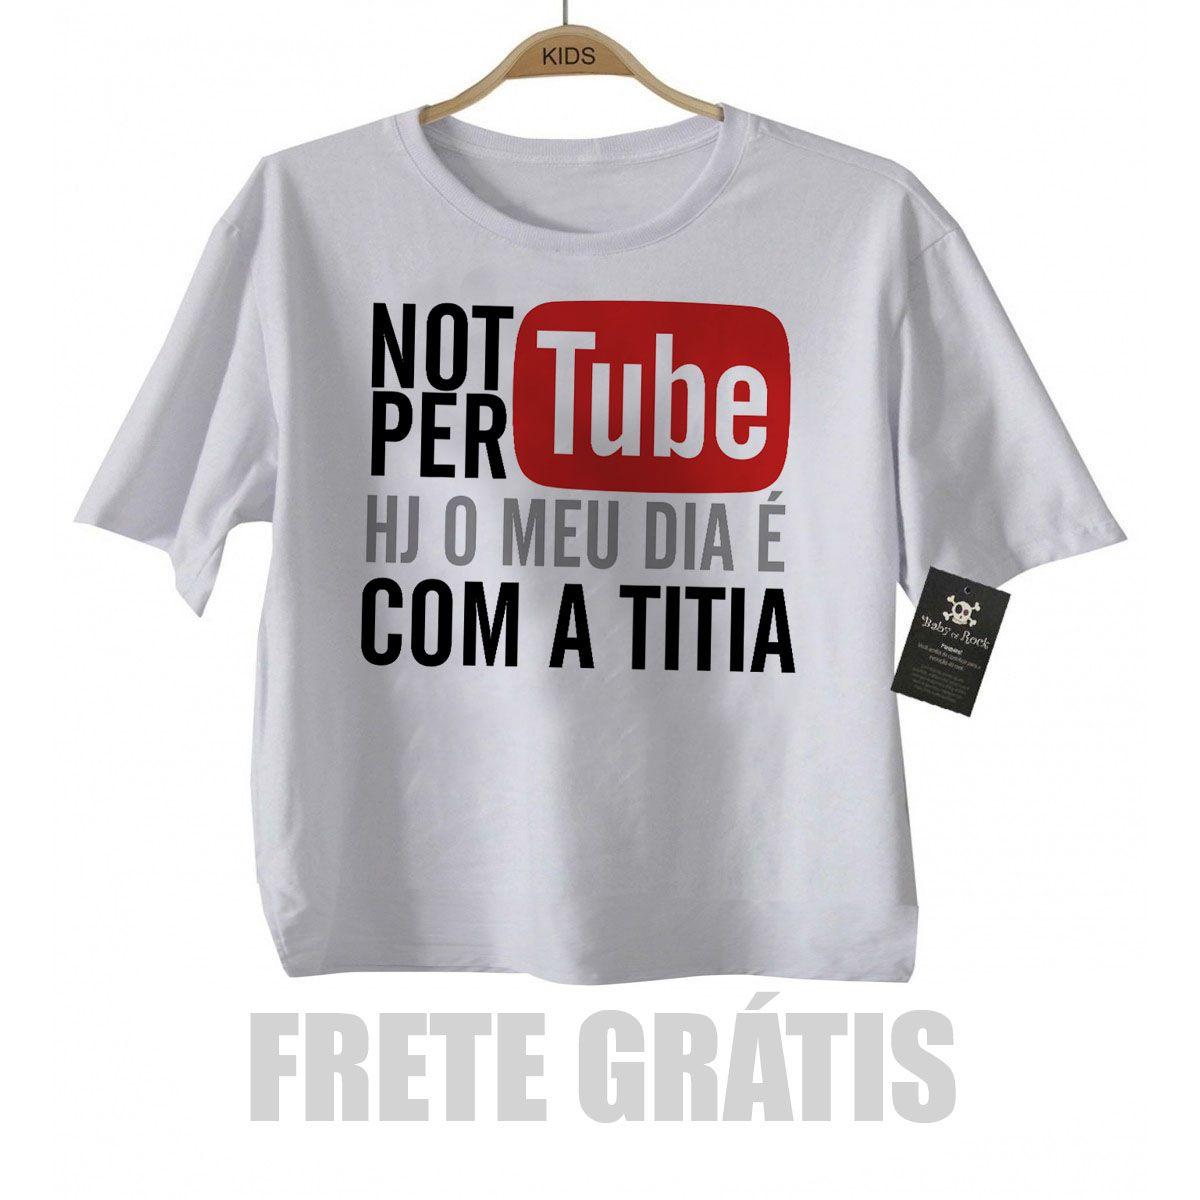 Camiseta Infantil   Not Pertube Titia   Divertido   White  - Baby Monster S/A